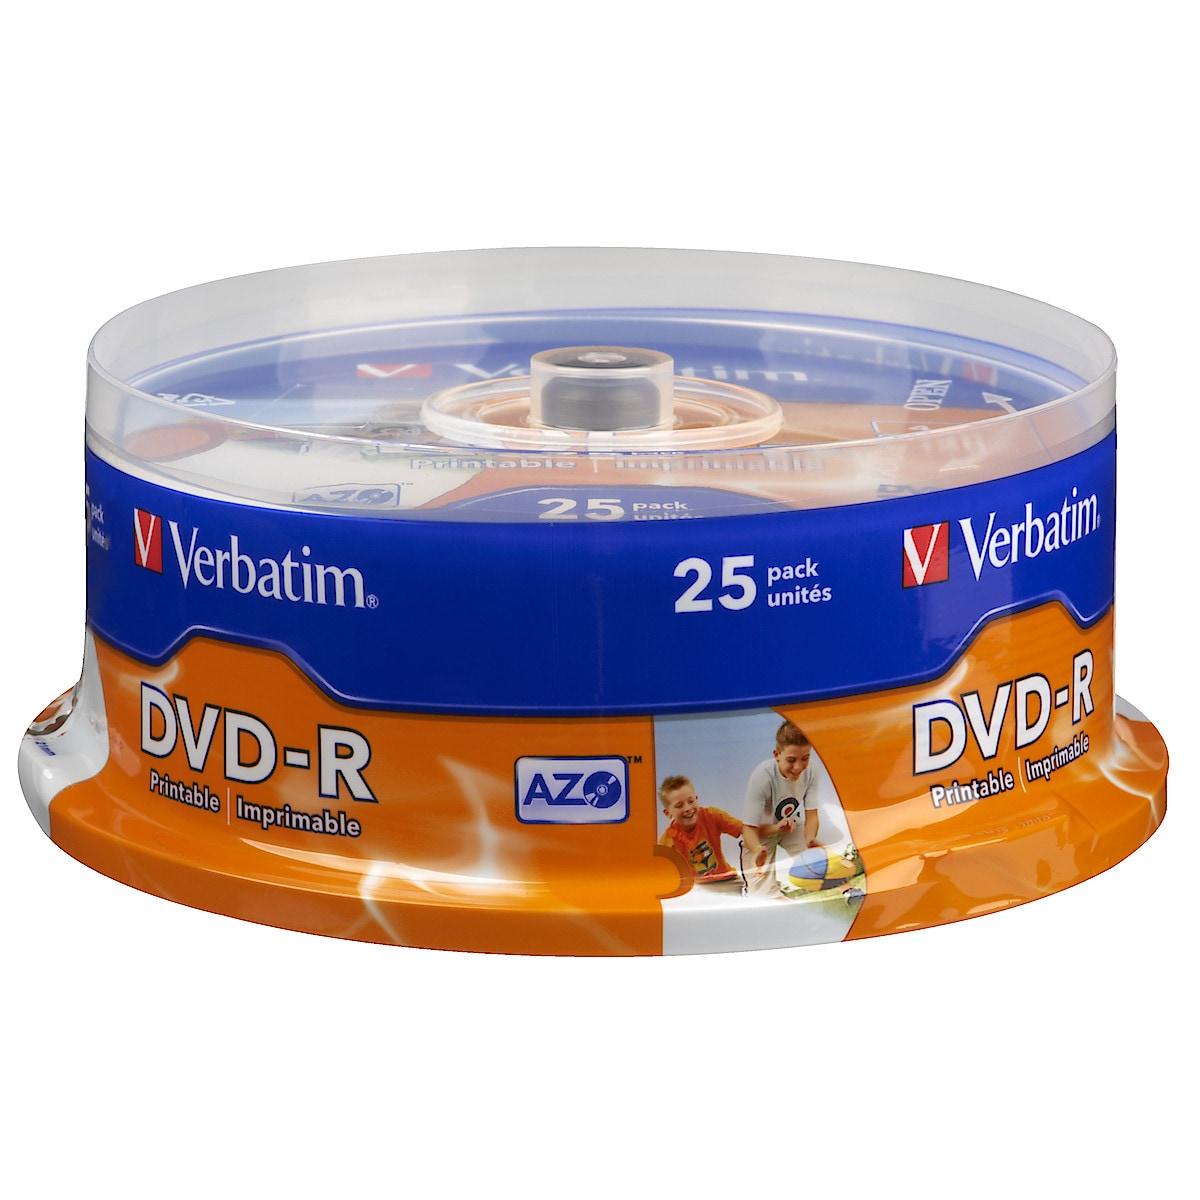 Printable CD-R/DVD